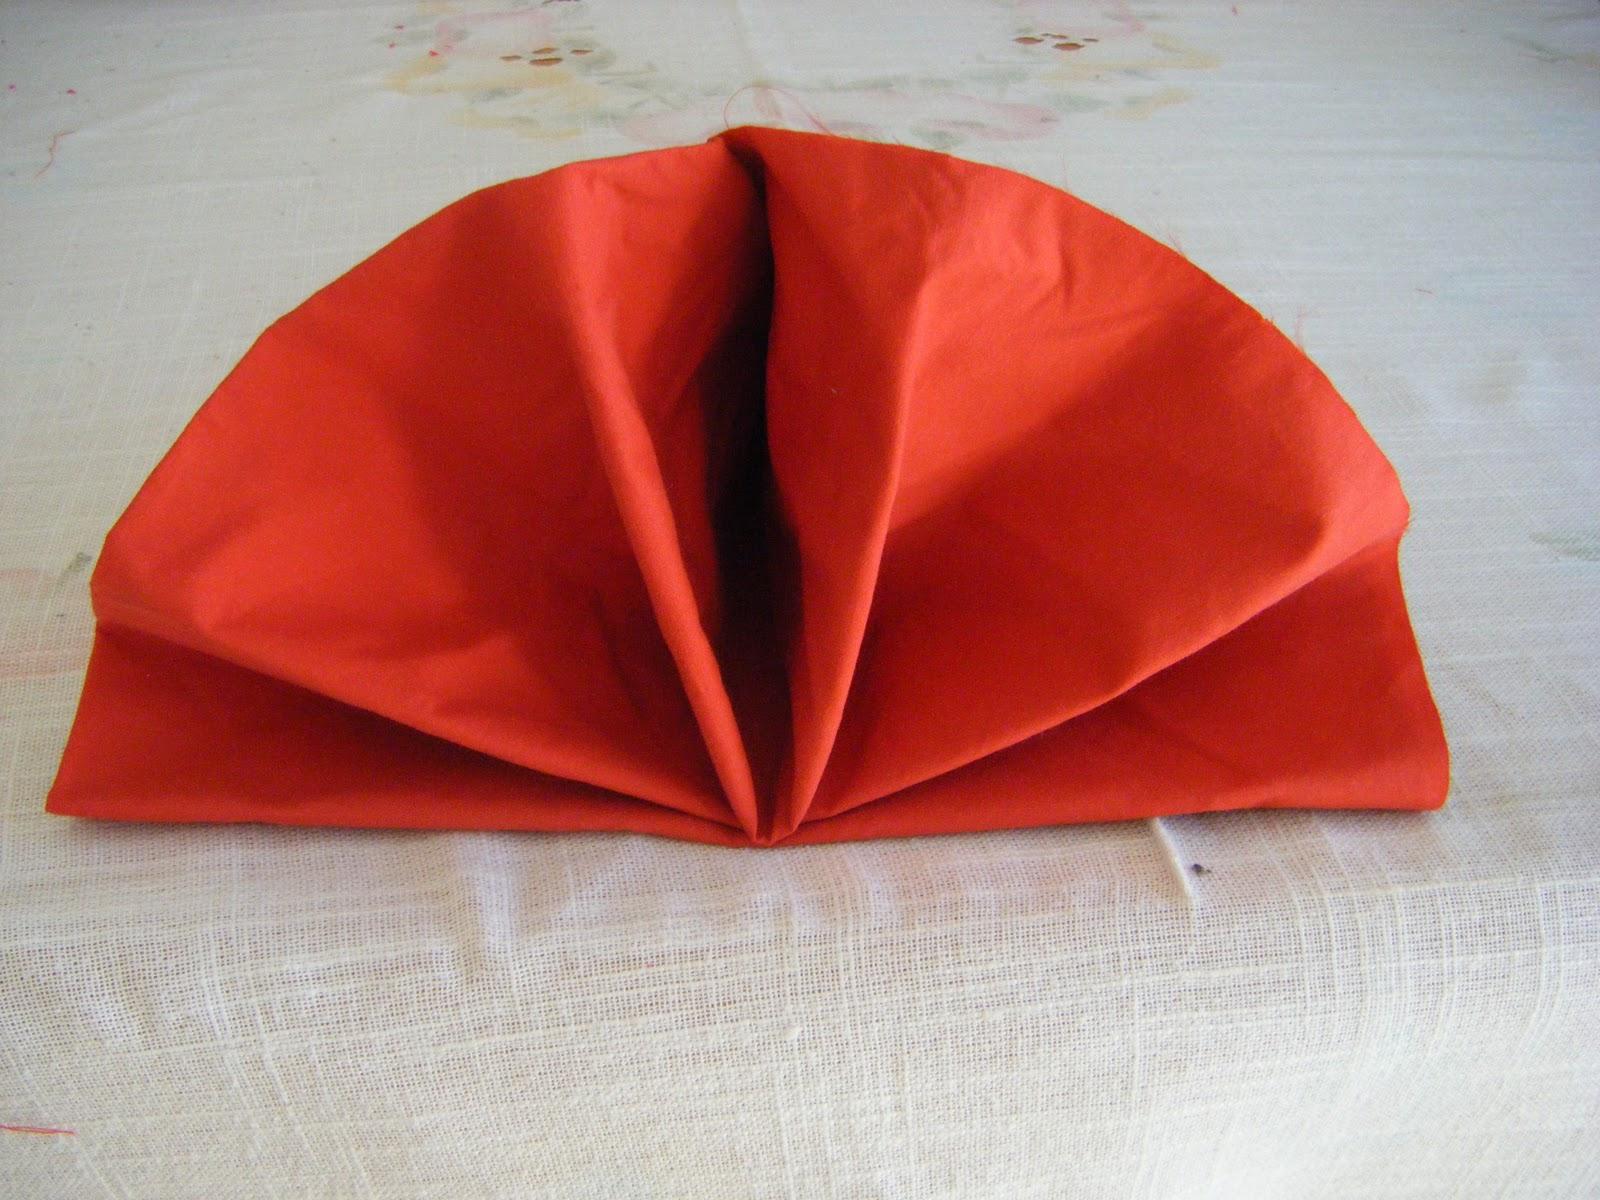 Come piegare i tovaglioli in modo decorativo il - Decorazioni con fazzoletti di carta ...